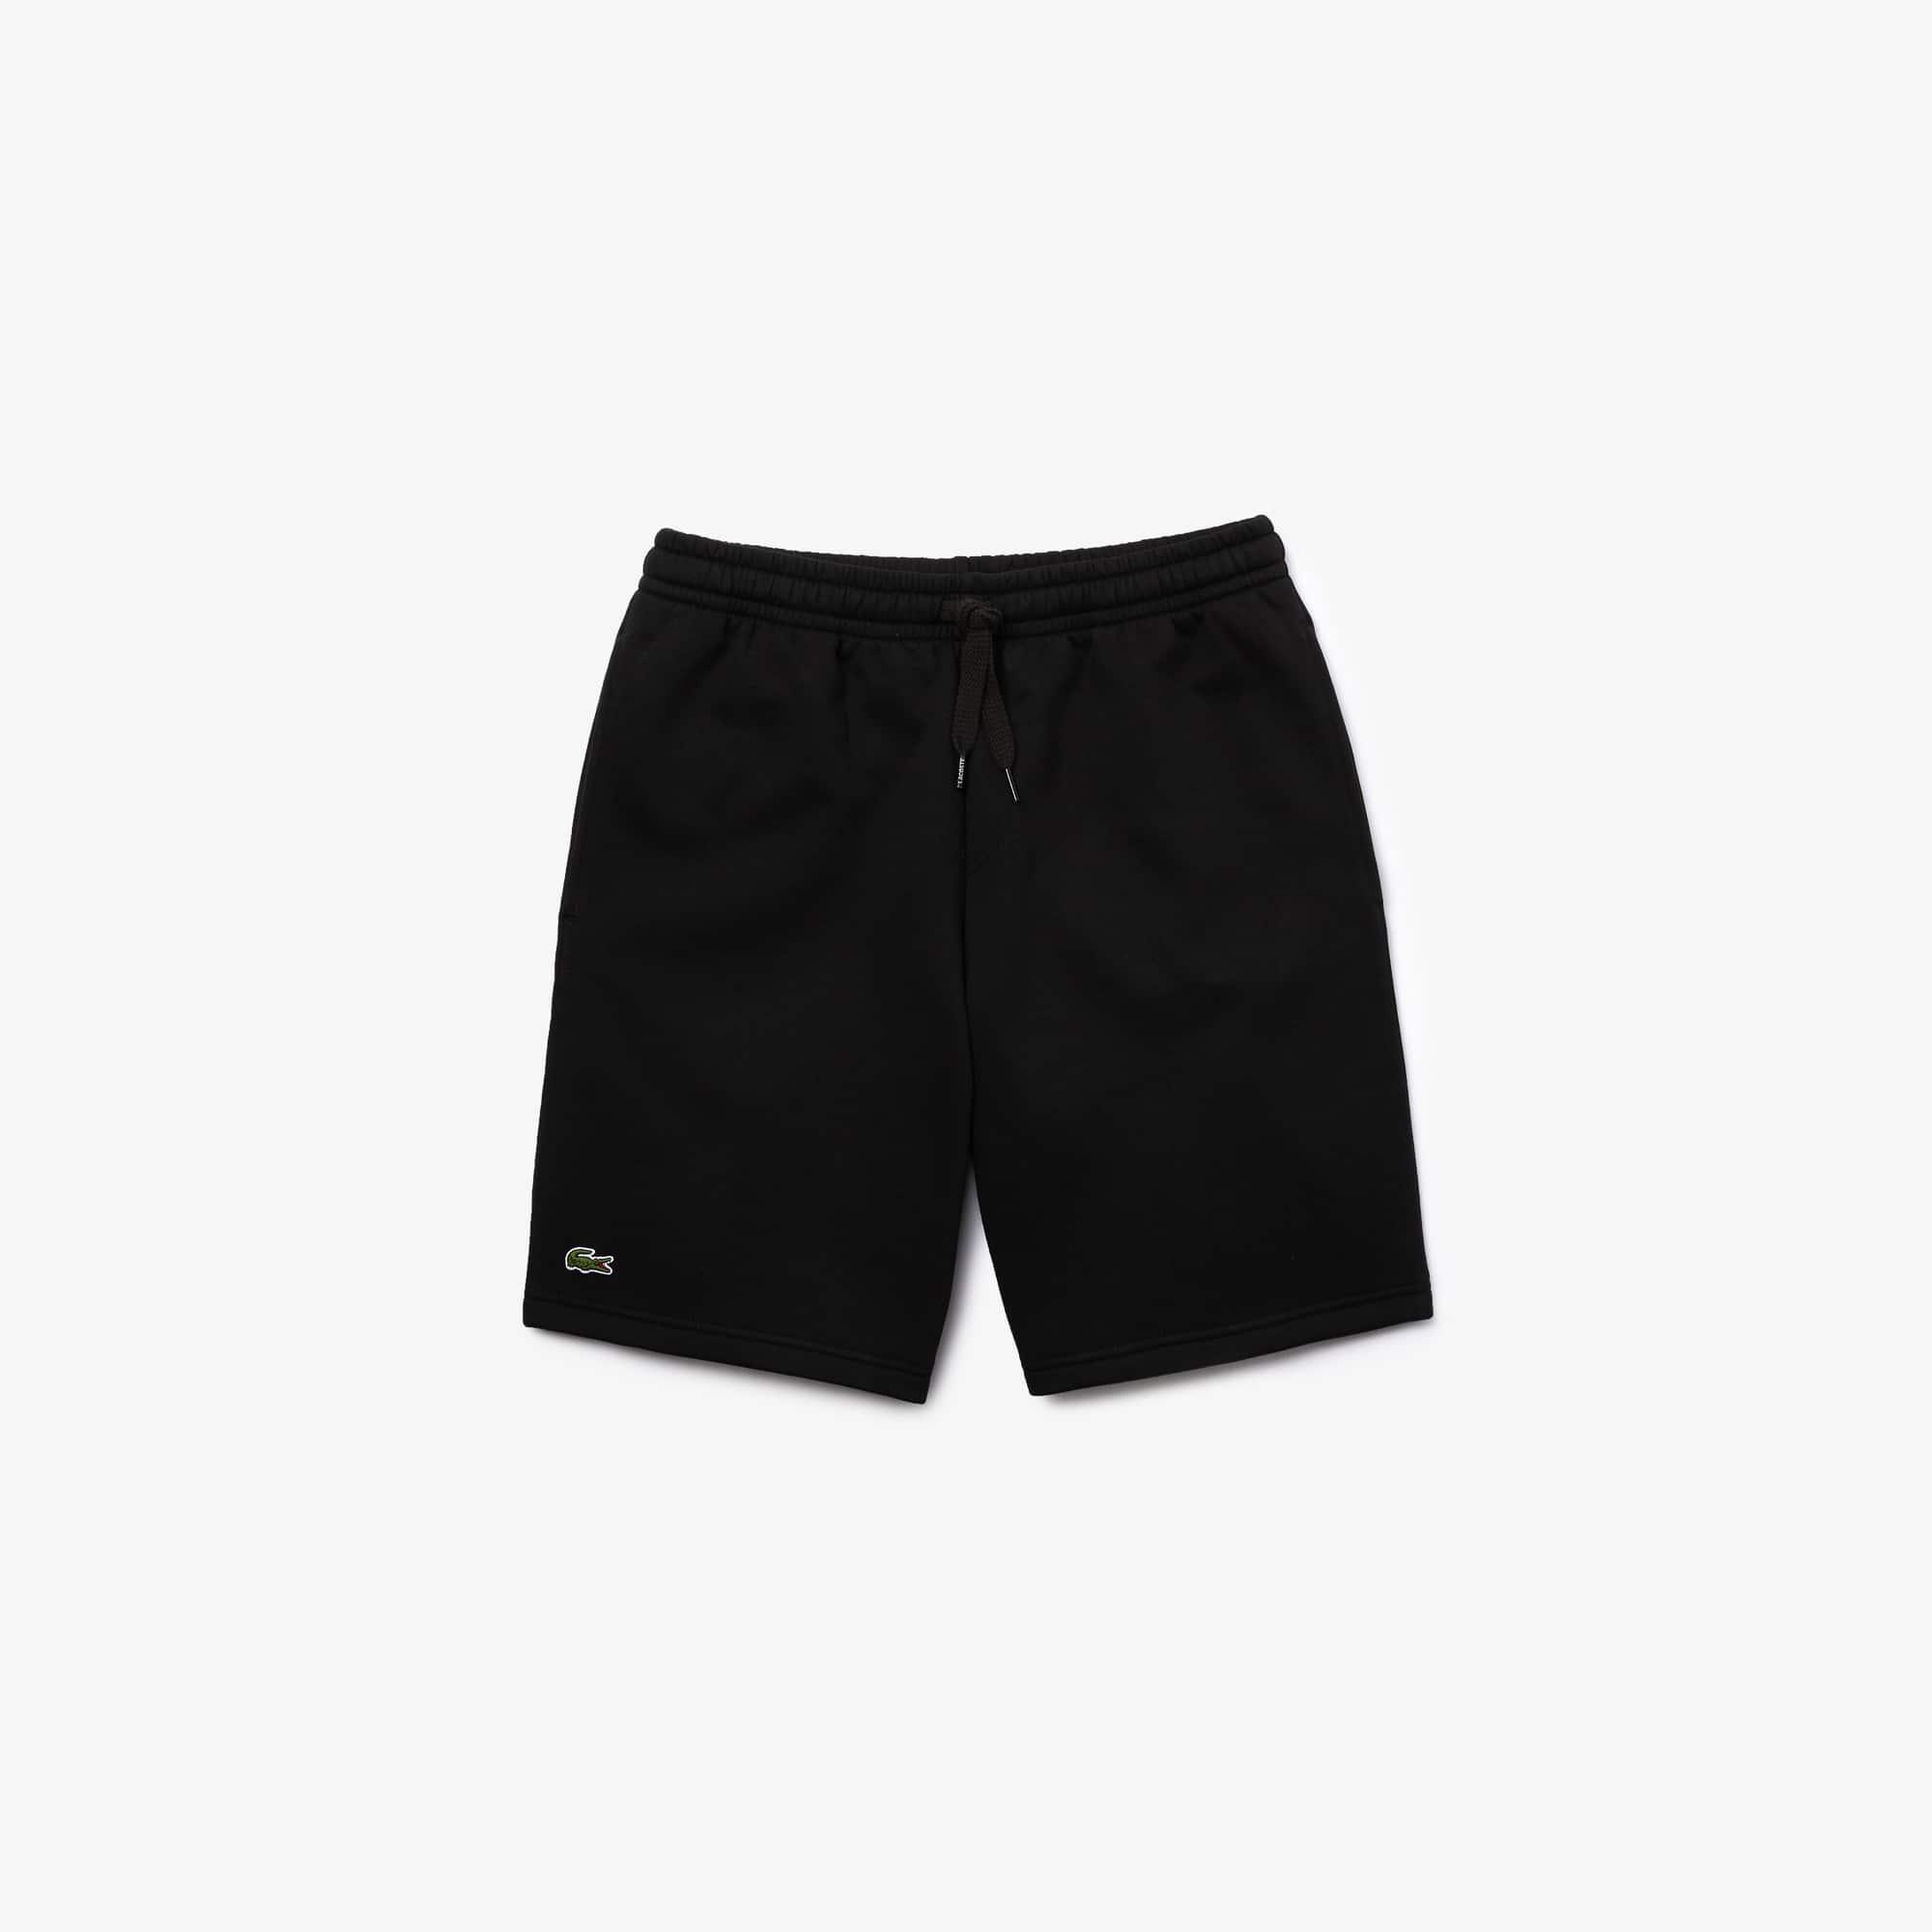 라코스테 스포츠 반바지 Lacoste Mens SPORT Tennis Fleece Shorts,black